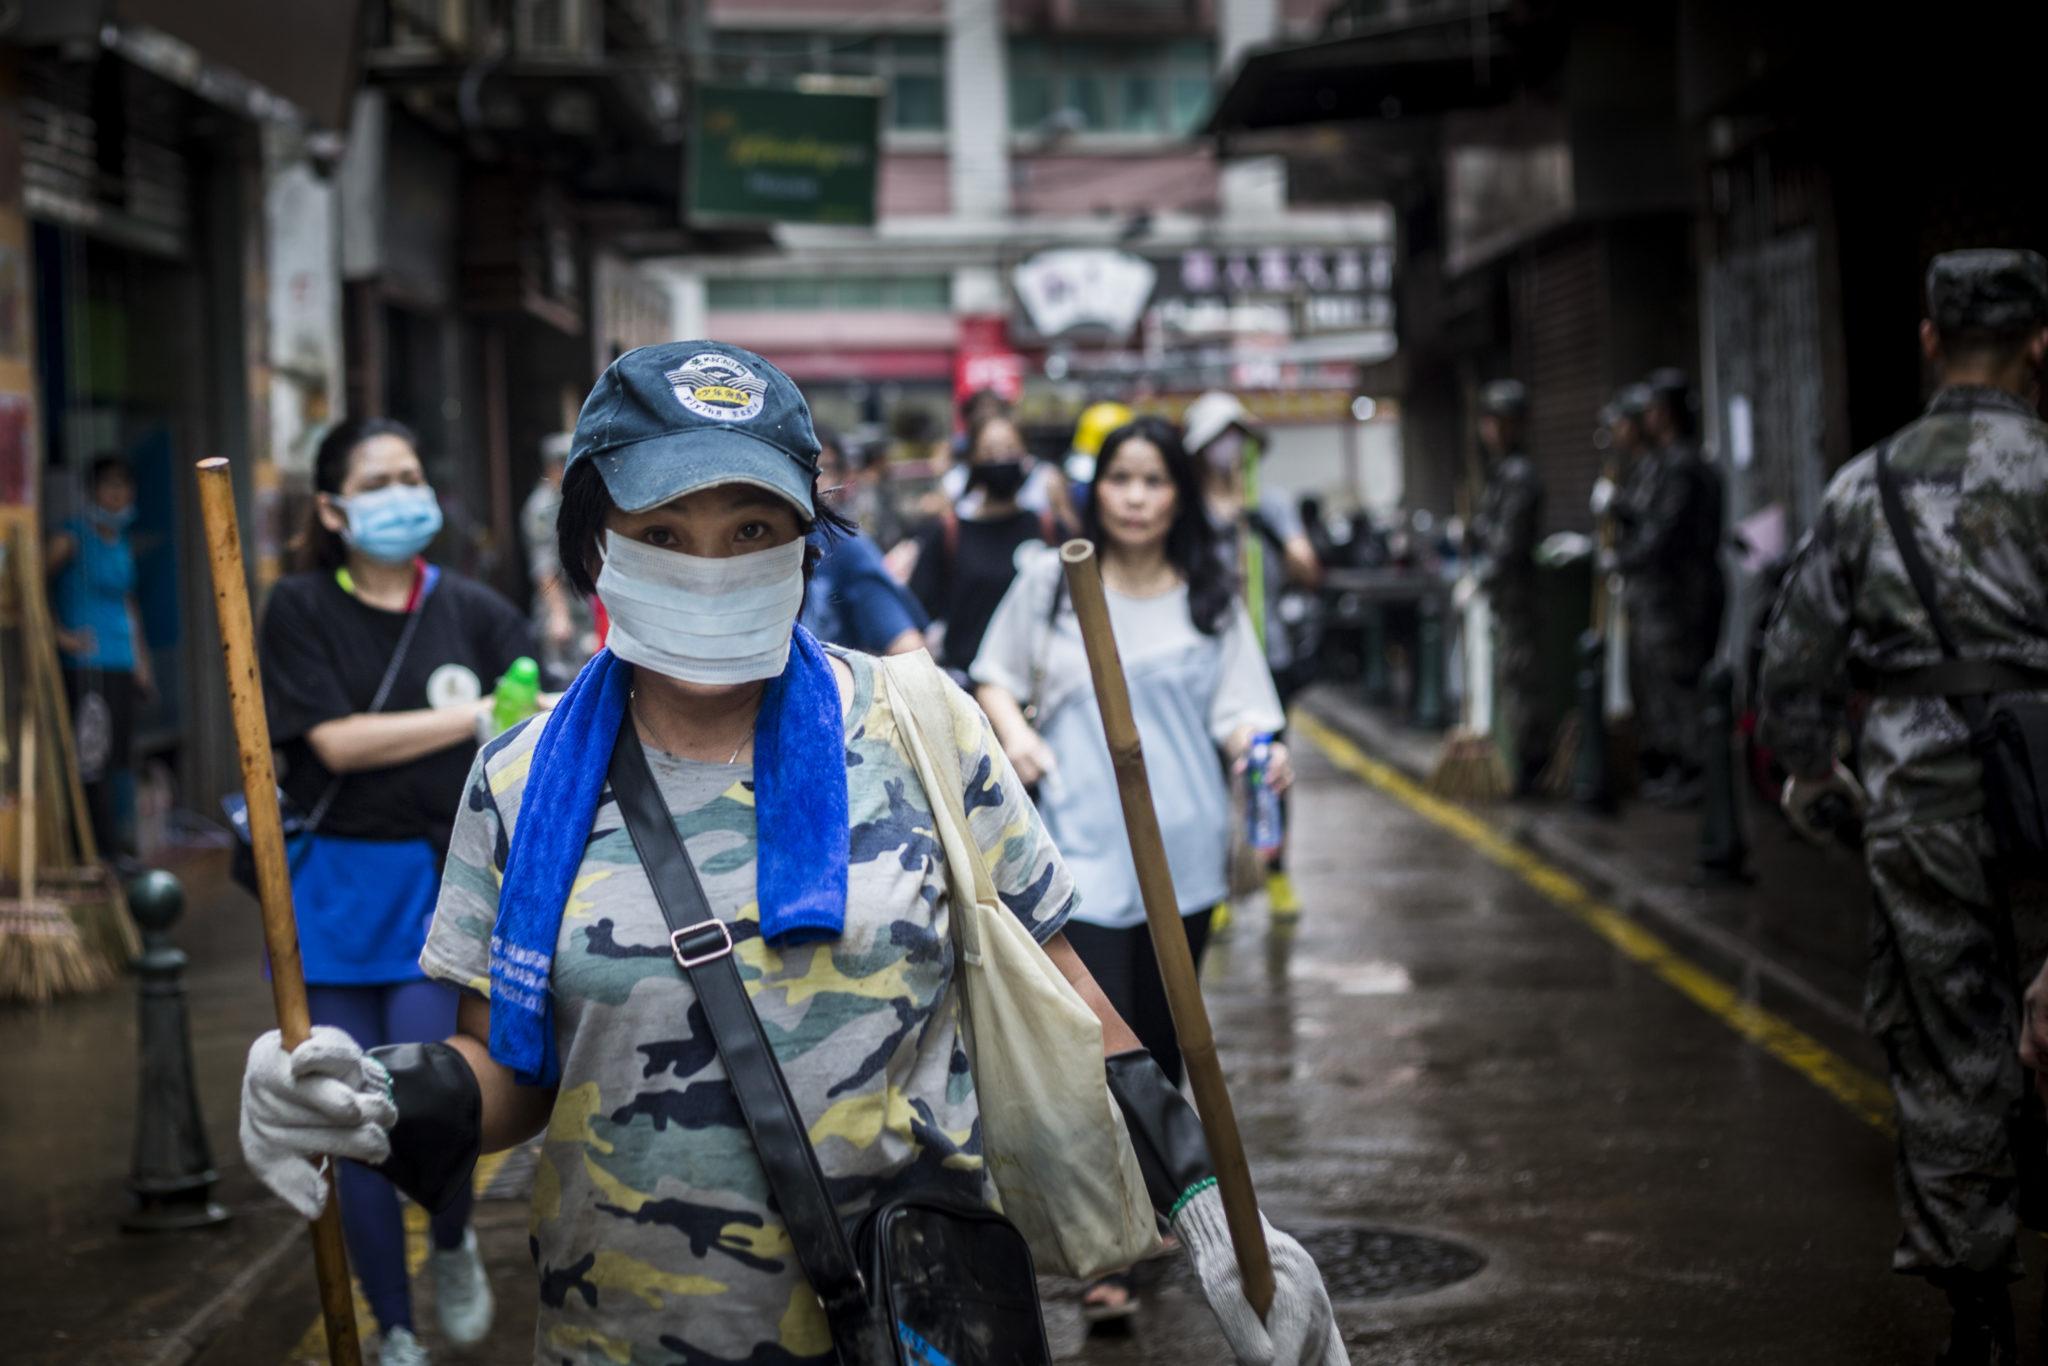 Tufão | Jornalistas instruídos a escrever notícias positivas